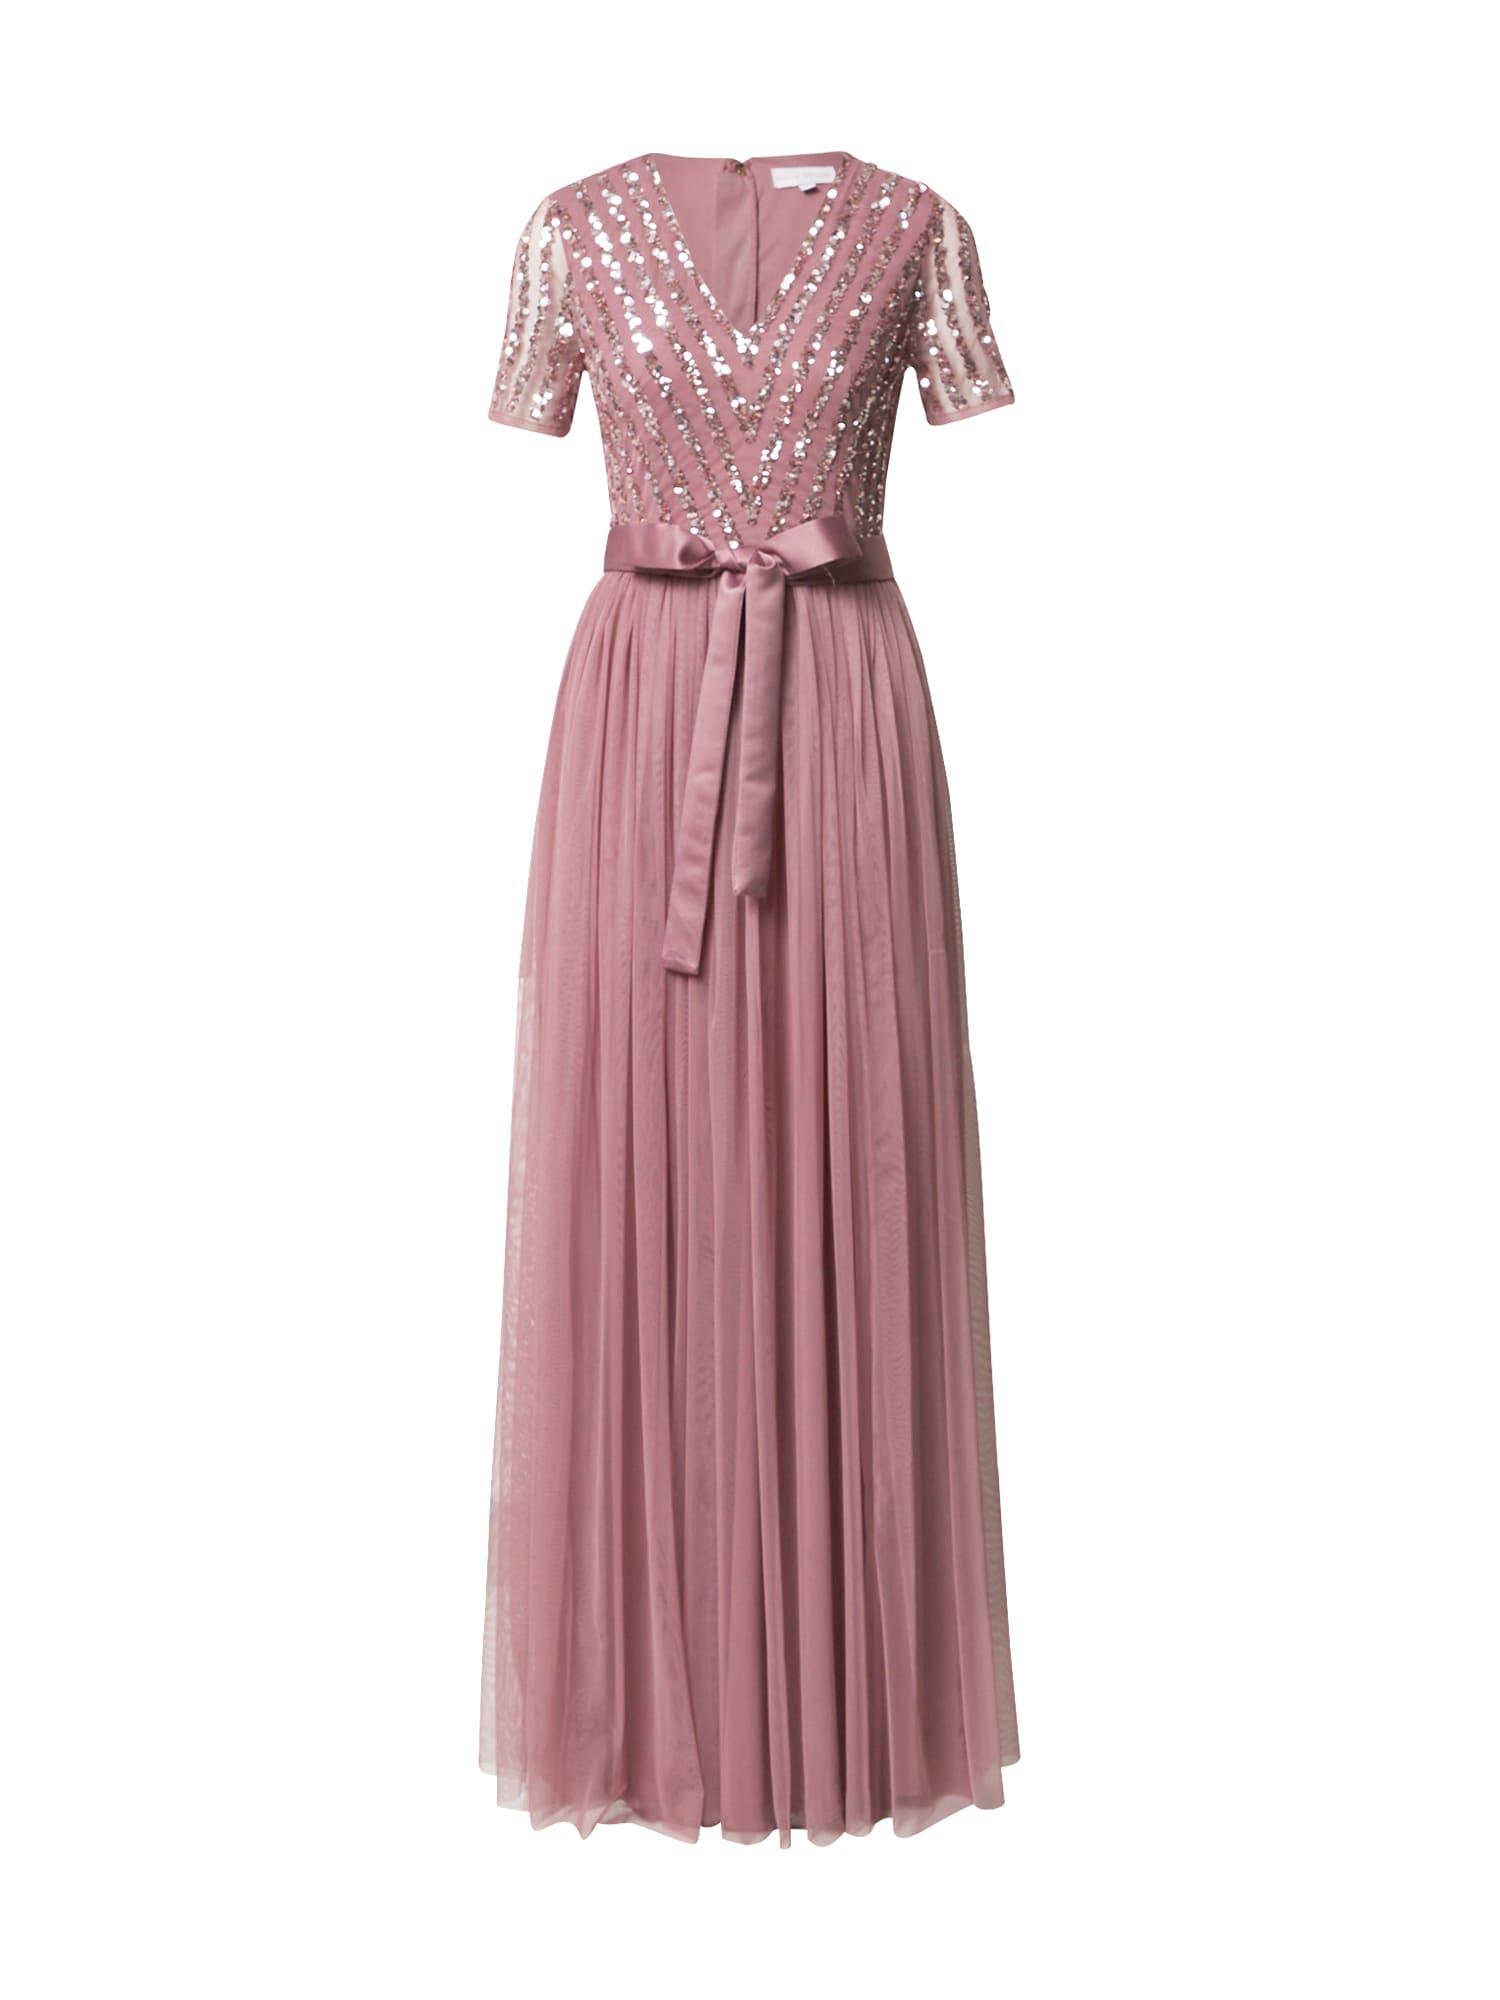 Maya Deluxe Společenské šaty  pink / stříbrná